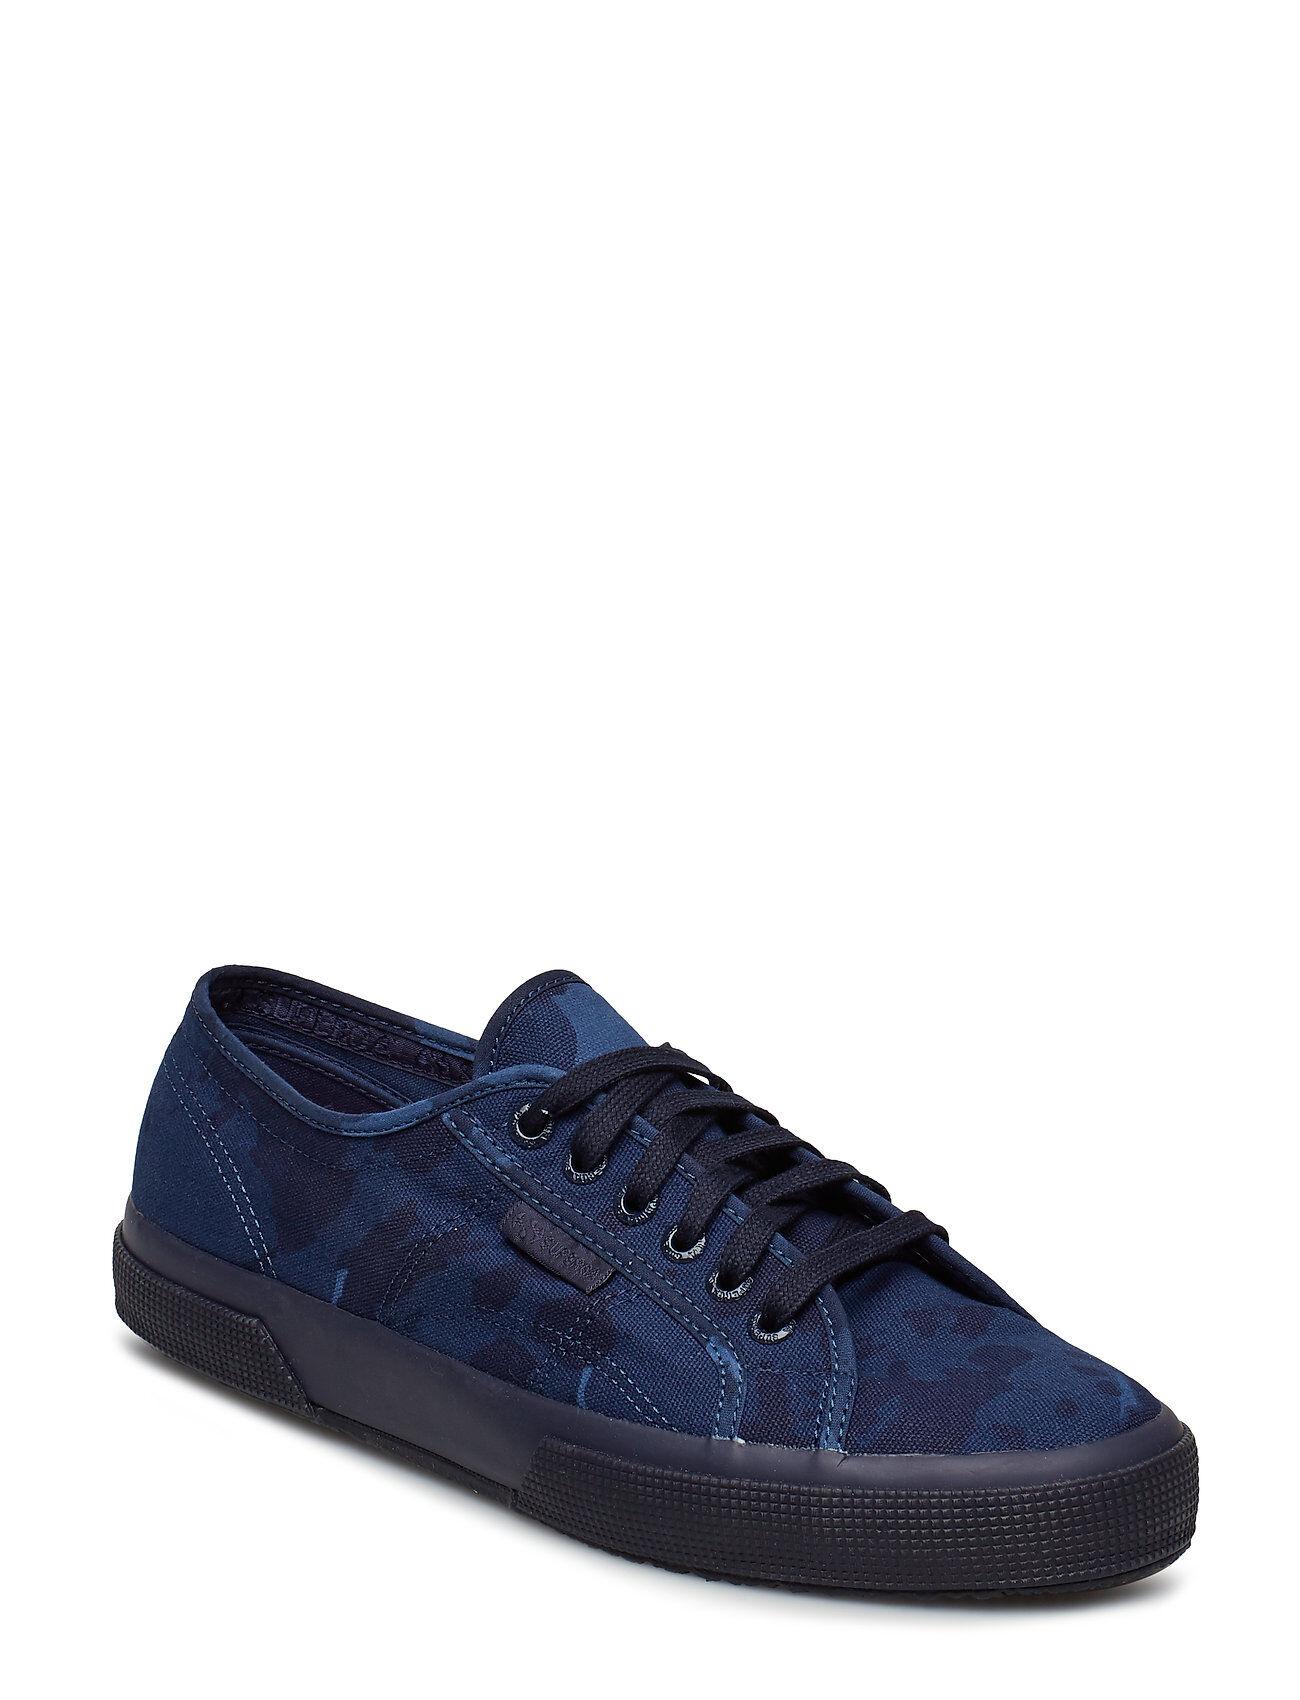 Superga 2750 Fancotu Matalavartiset Sneakerit Tennarit Sininen